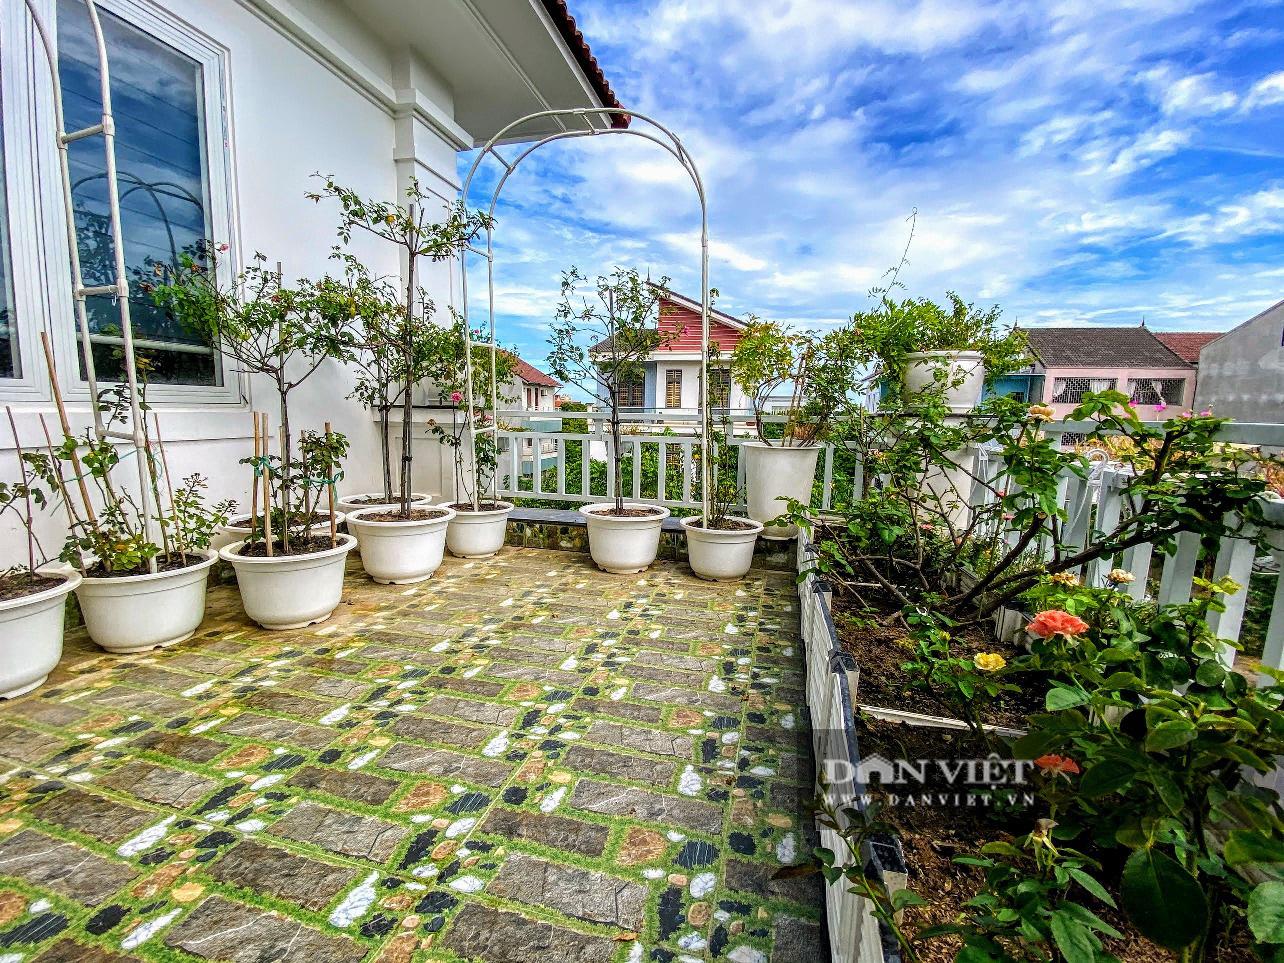 Làm vườn trên sân thượng, nữ kế toán phục vụ rau xanh, sạch quanh năm cho gia đình - Ảnh 4.